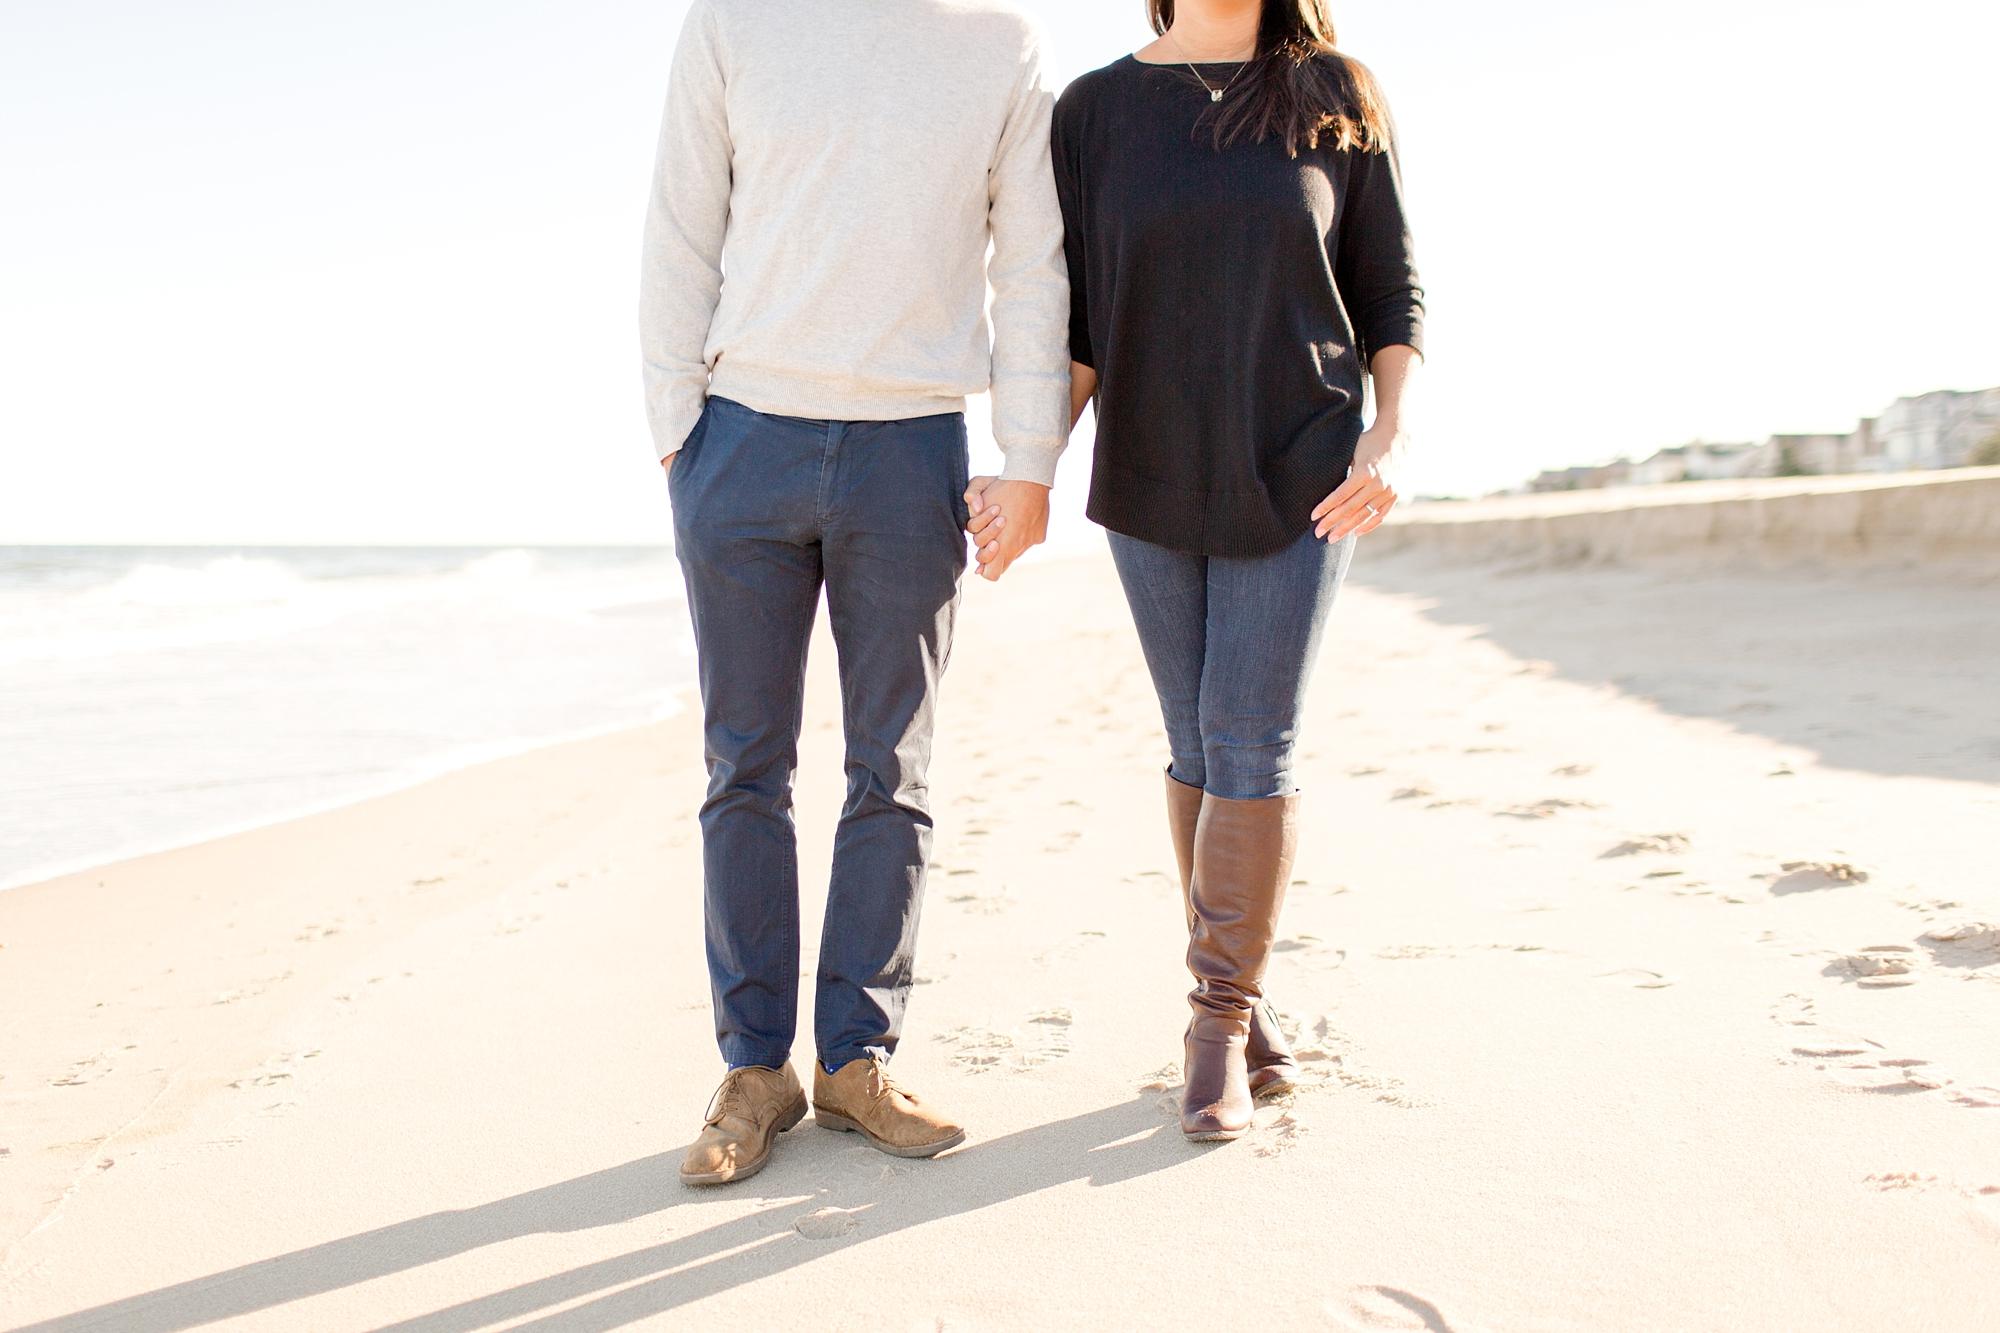 Katie & Chris Engagement-120_anna grace photography bethany beach engagement photographer photo.jpg